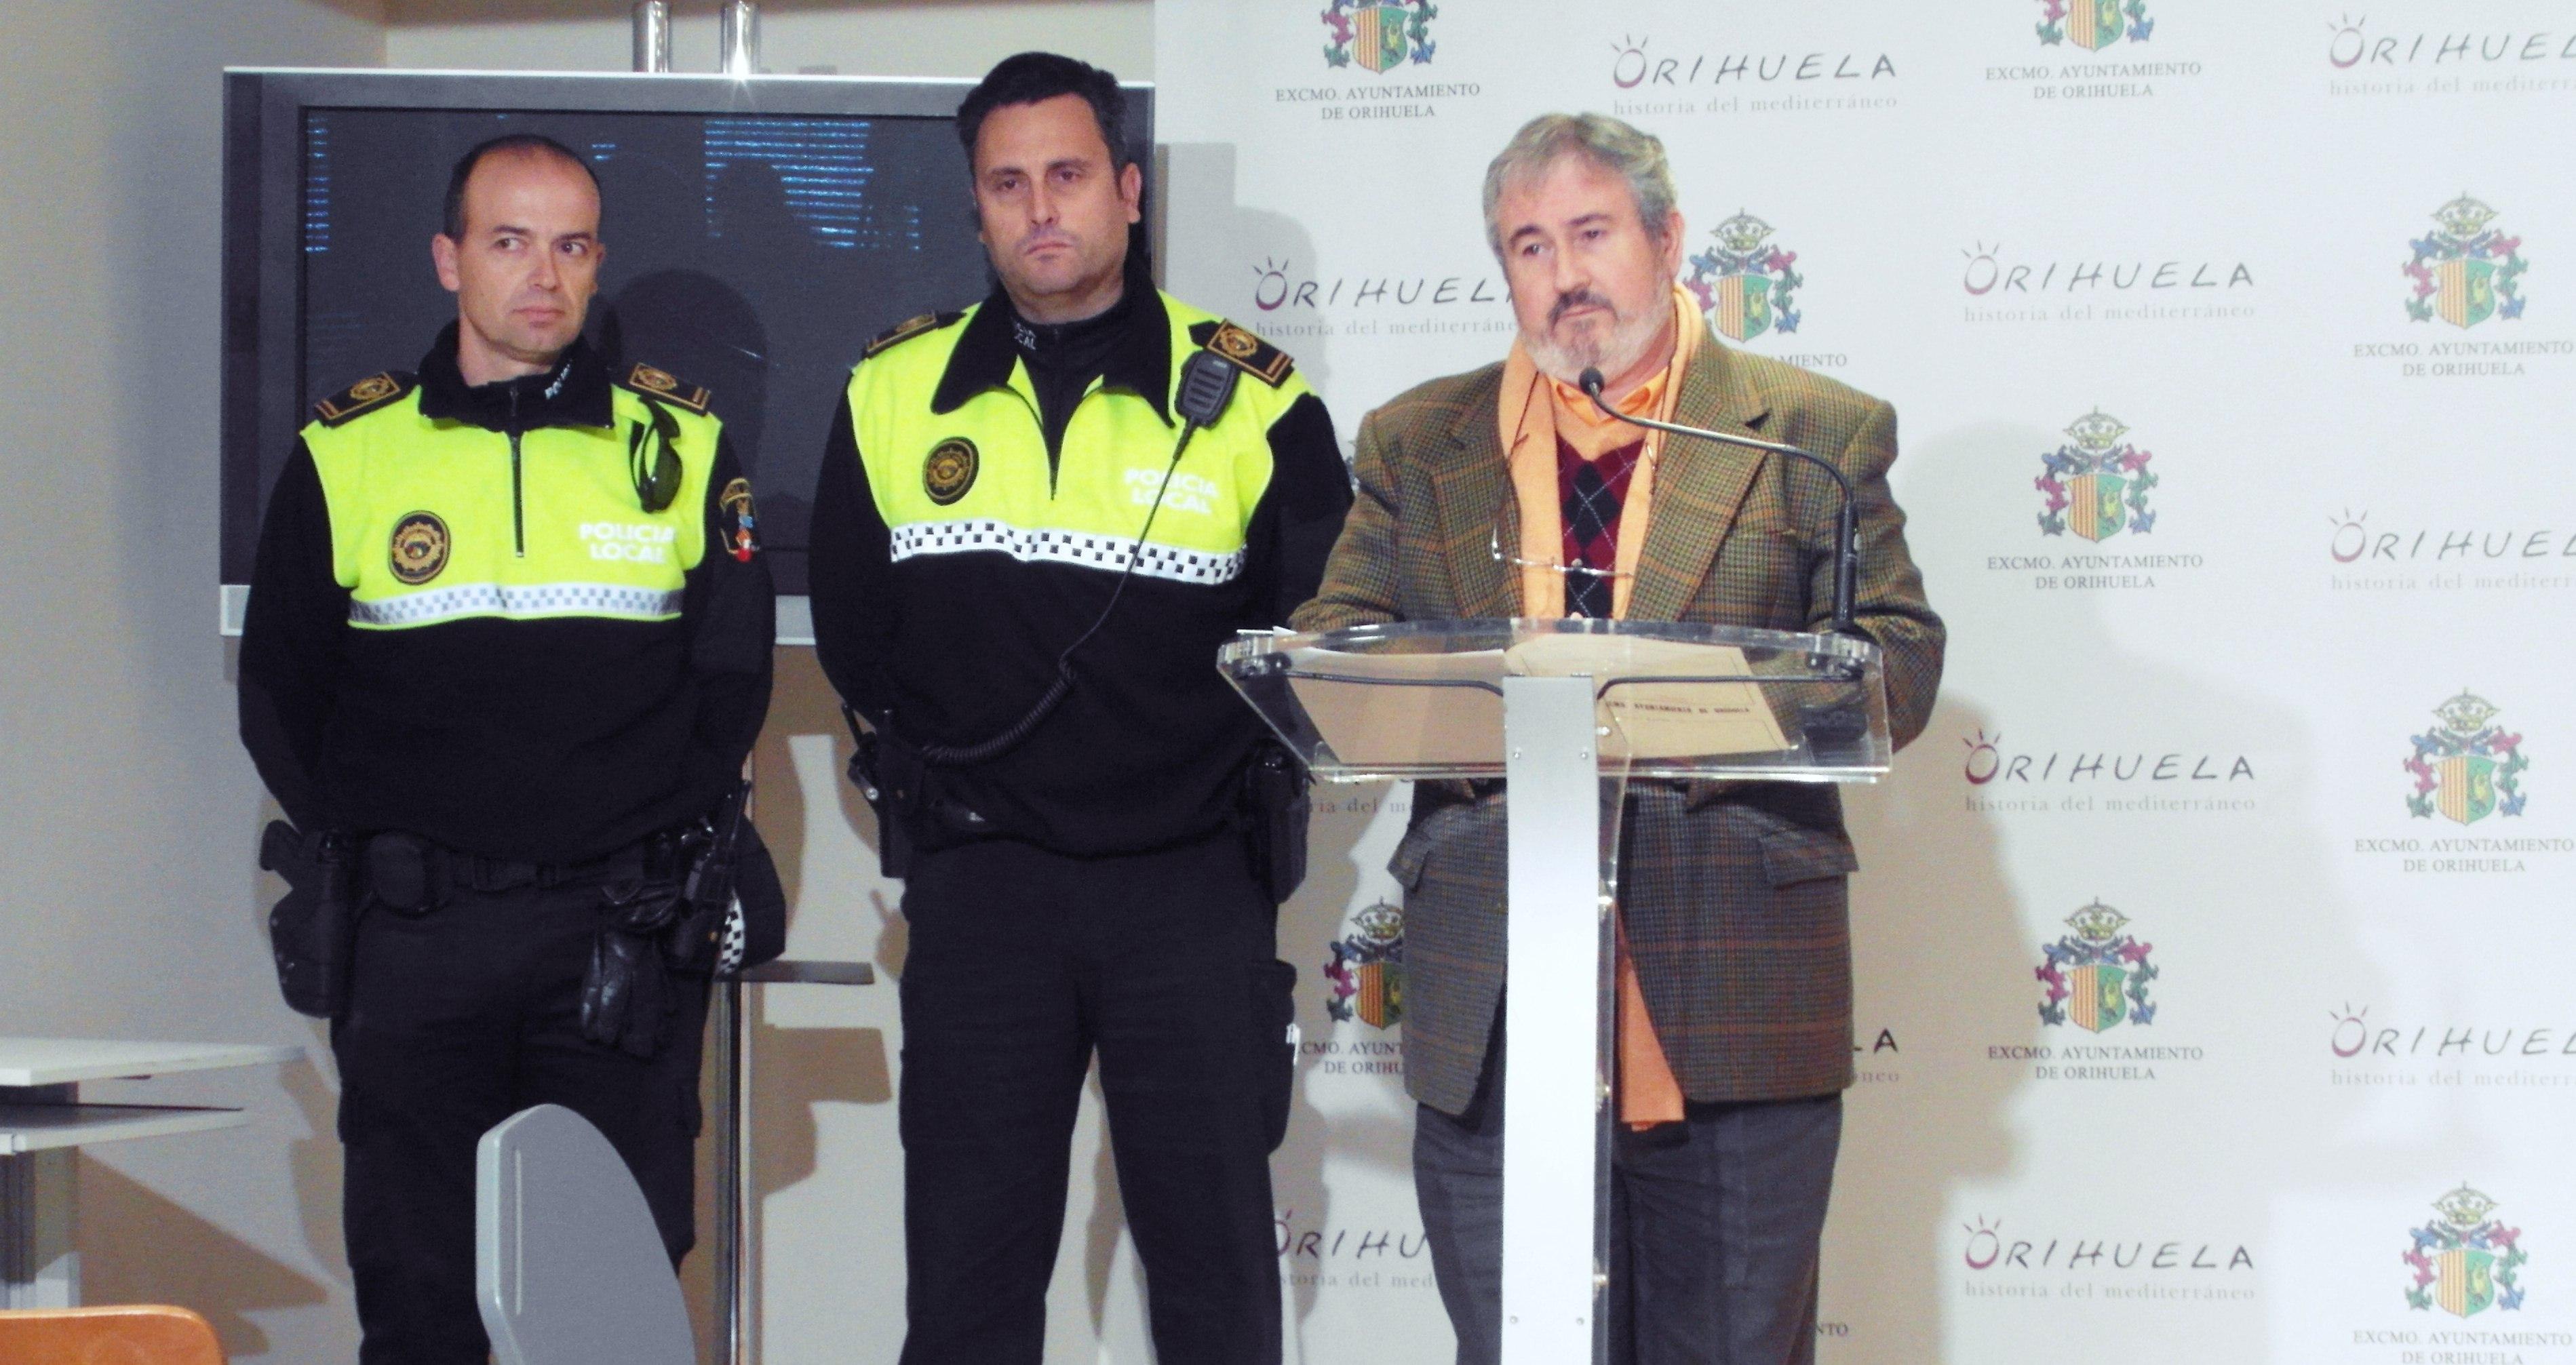 Monserrate Guillén solicitará al Pleno el reconocimiento de los policías que salvaron la vida de la madre y sus dos hijas en el incendio